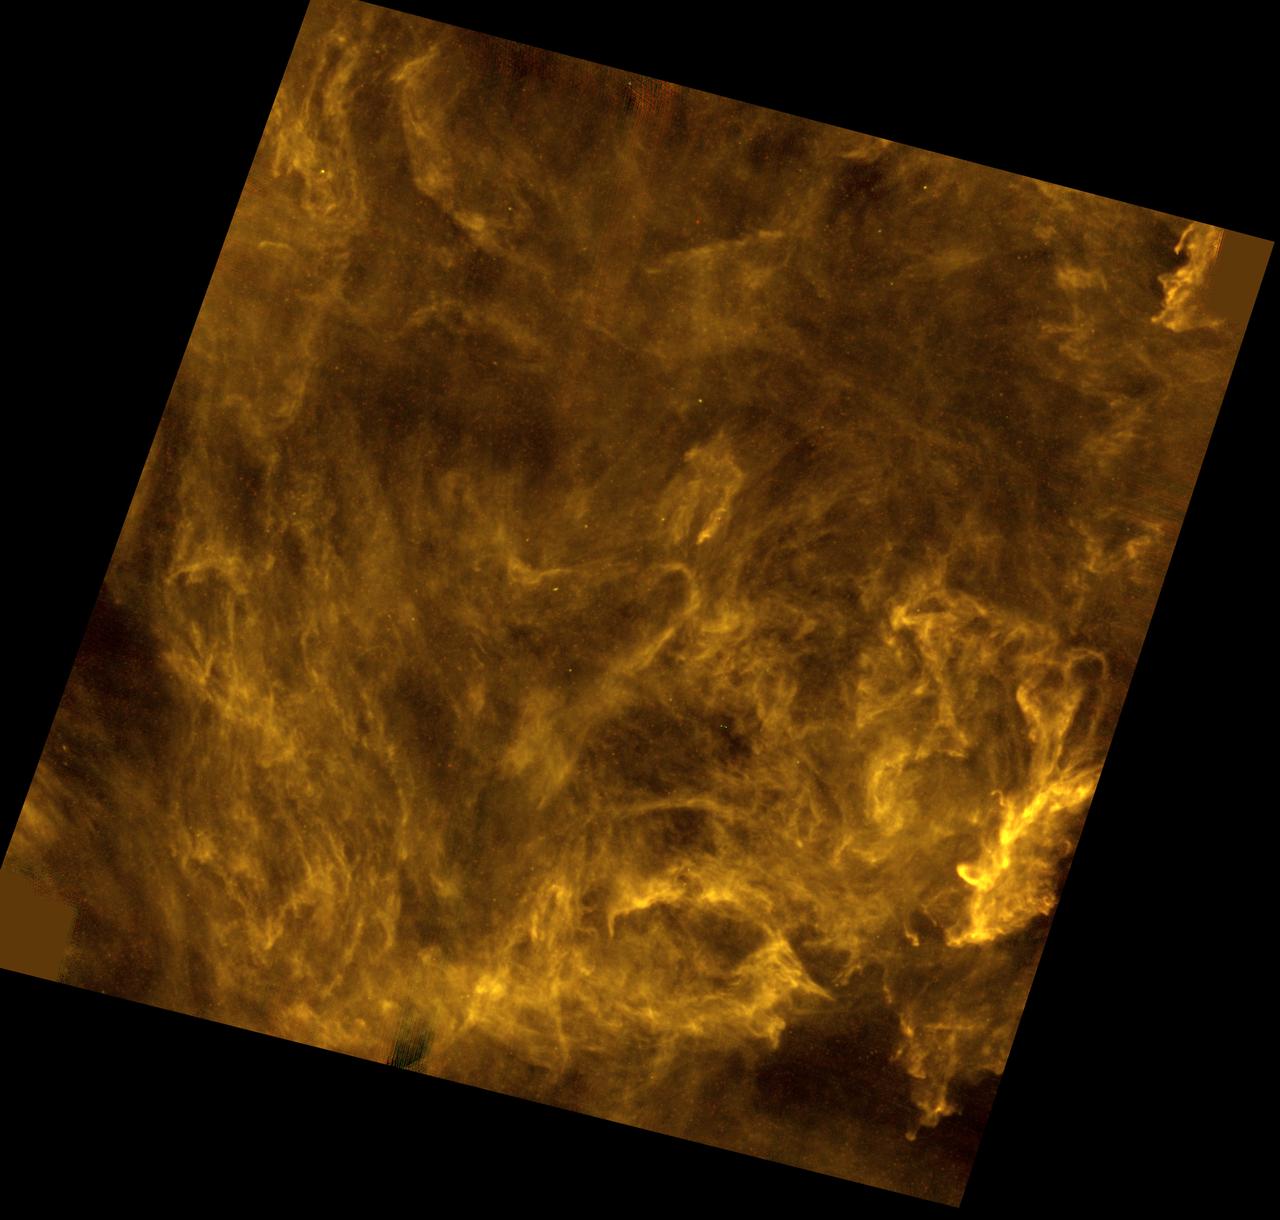 1567214956172-Herschel_Interstellar_filaments_in_Polaris_1280.jpg